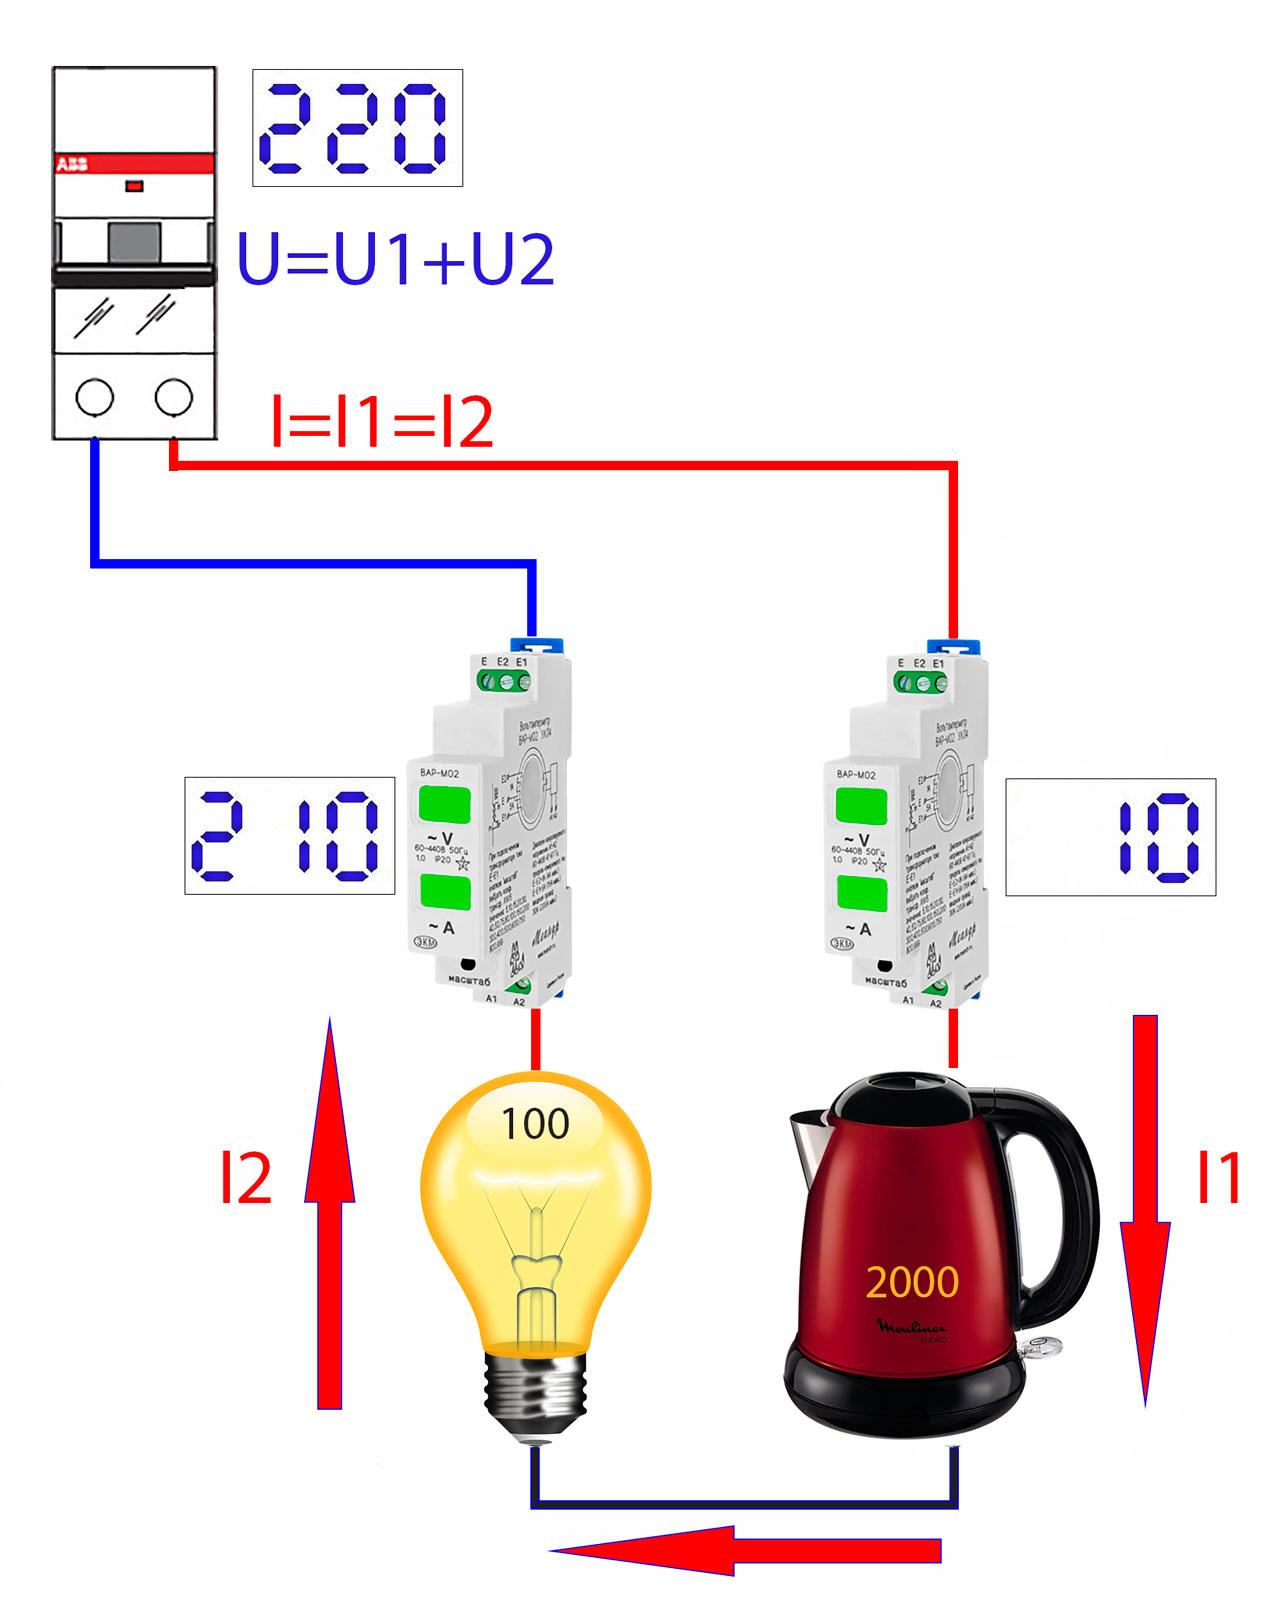 последовательное подключение в сеть 220в приборов разной мощности и ламп накаливания падение напряжения и токи